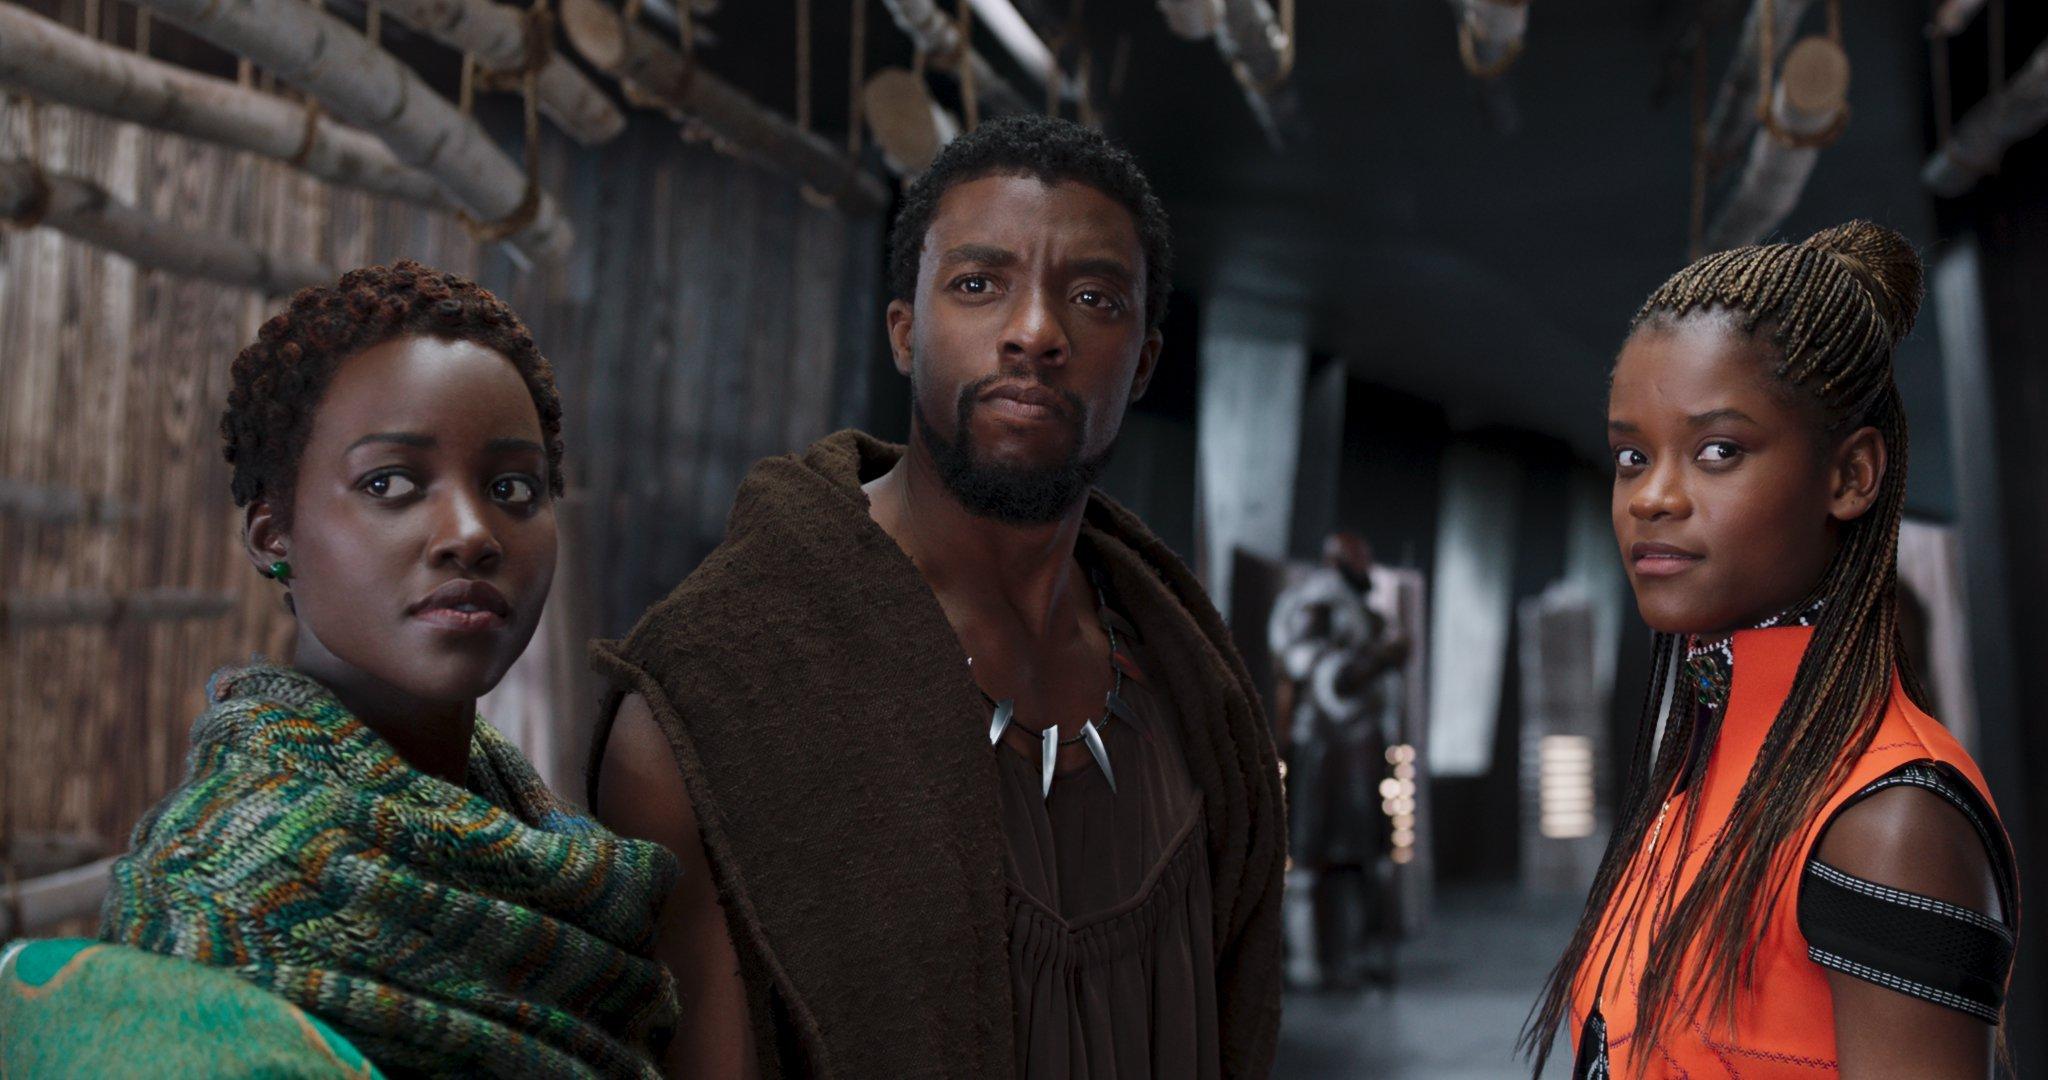 Em plano americano, da cintura para cima, a imagem mostra à esquerda, Lupita Nyong'o, como Nakia, ao centro Chadwick Boseman como T'Challa e à direita Letitia Wright como Shuri, personagens do filme Pantera Negra, da Marvel Studios.